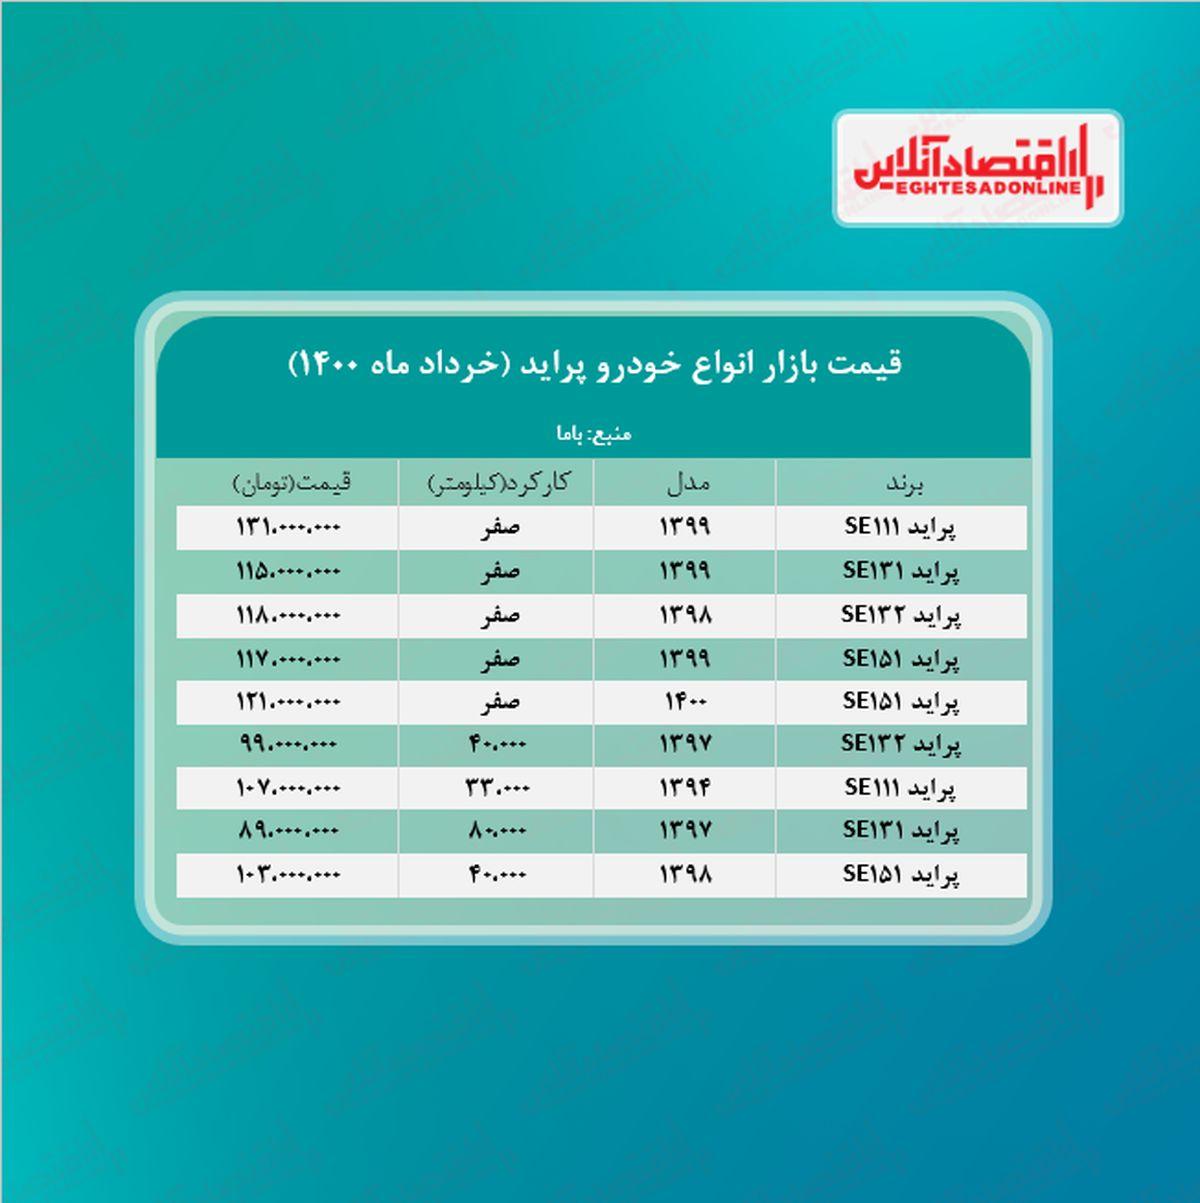 قیمت پراید امروز نهم خرداد